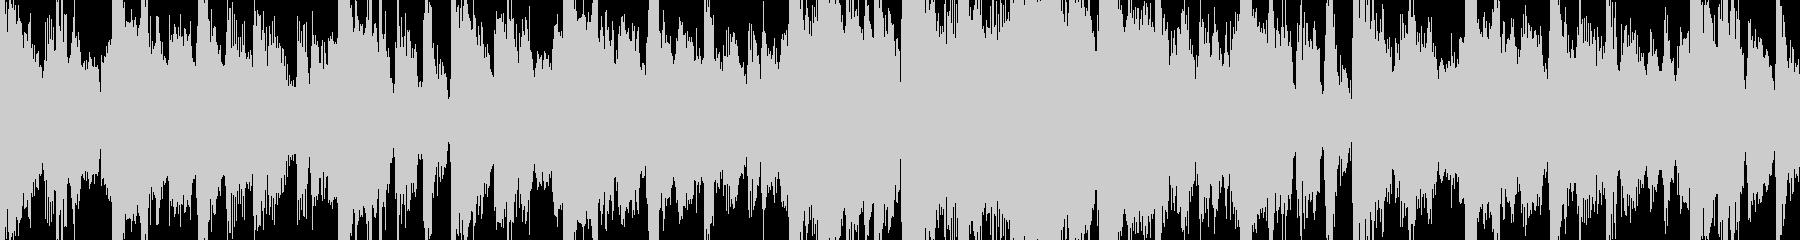 ループ素材:ジャジー/おしゃれの未再生の波形